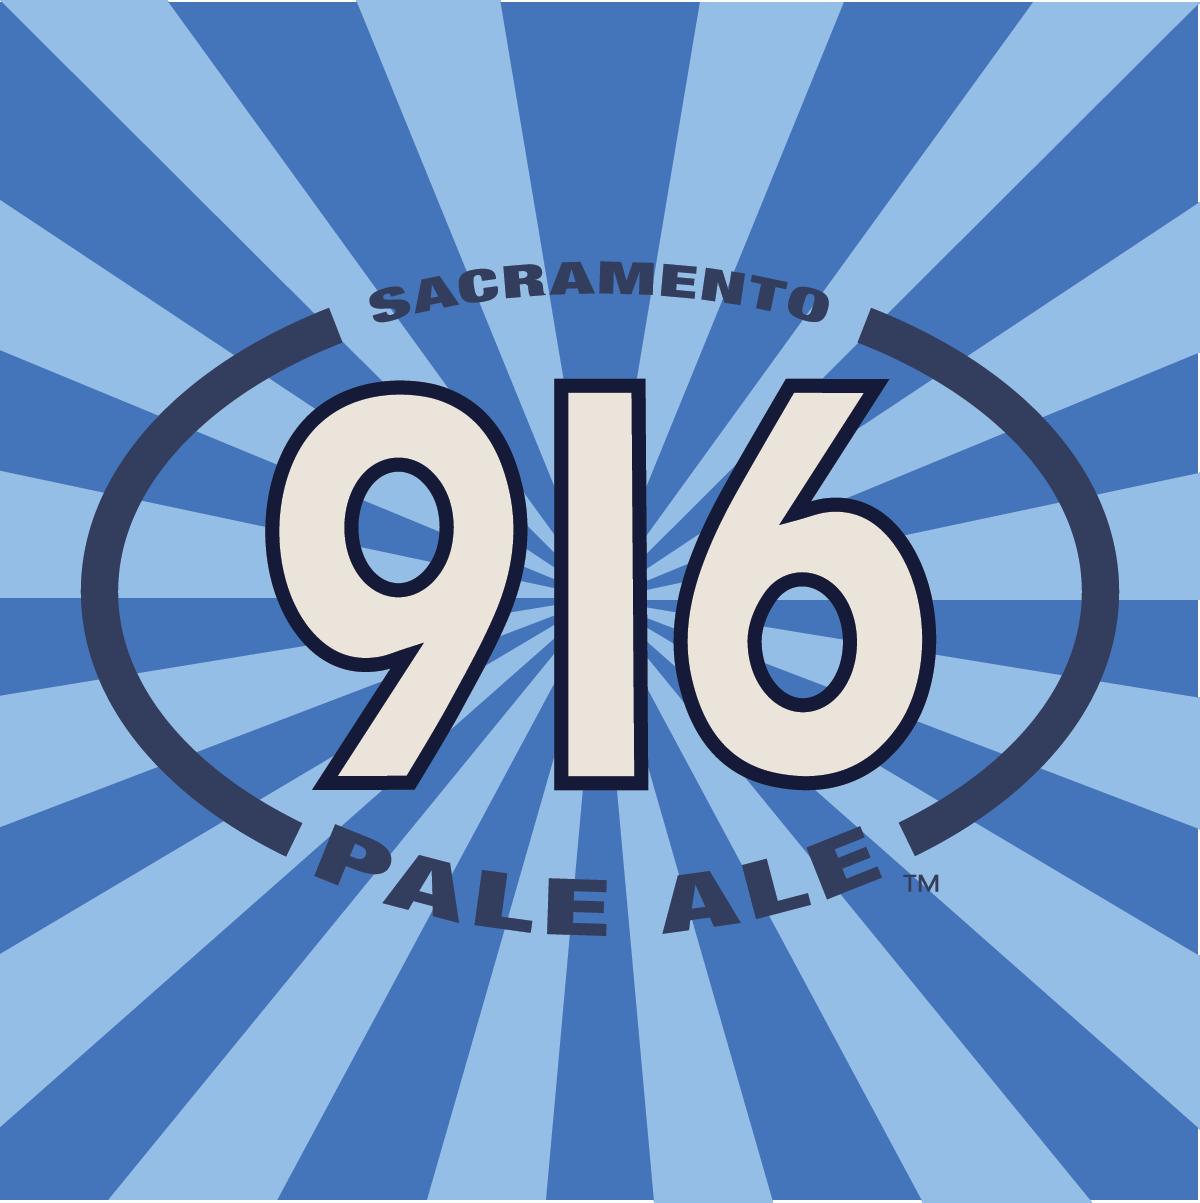 (916) Pale Ale